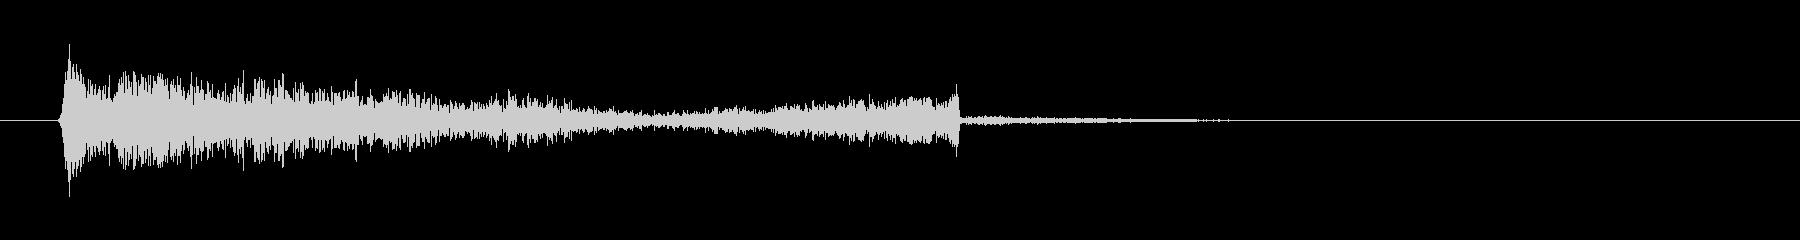 インパクトメタルテンション-シャー...の未再生の波形